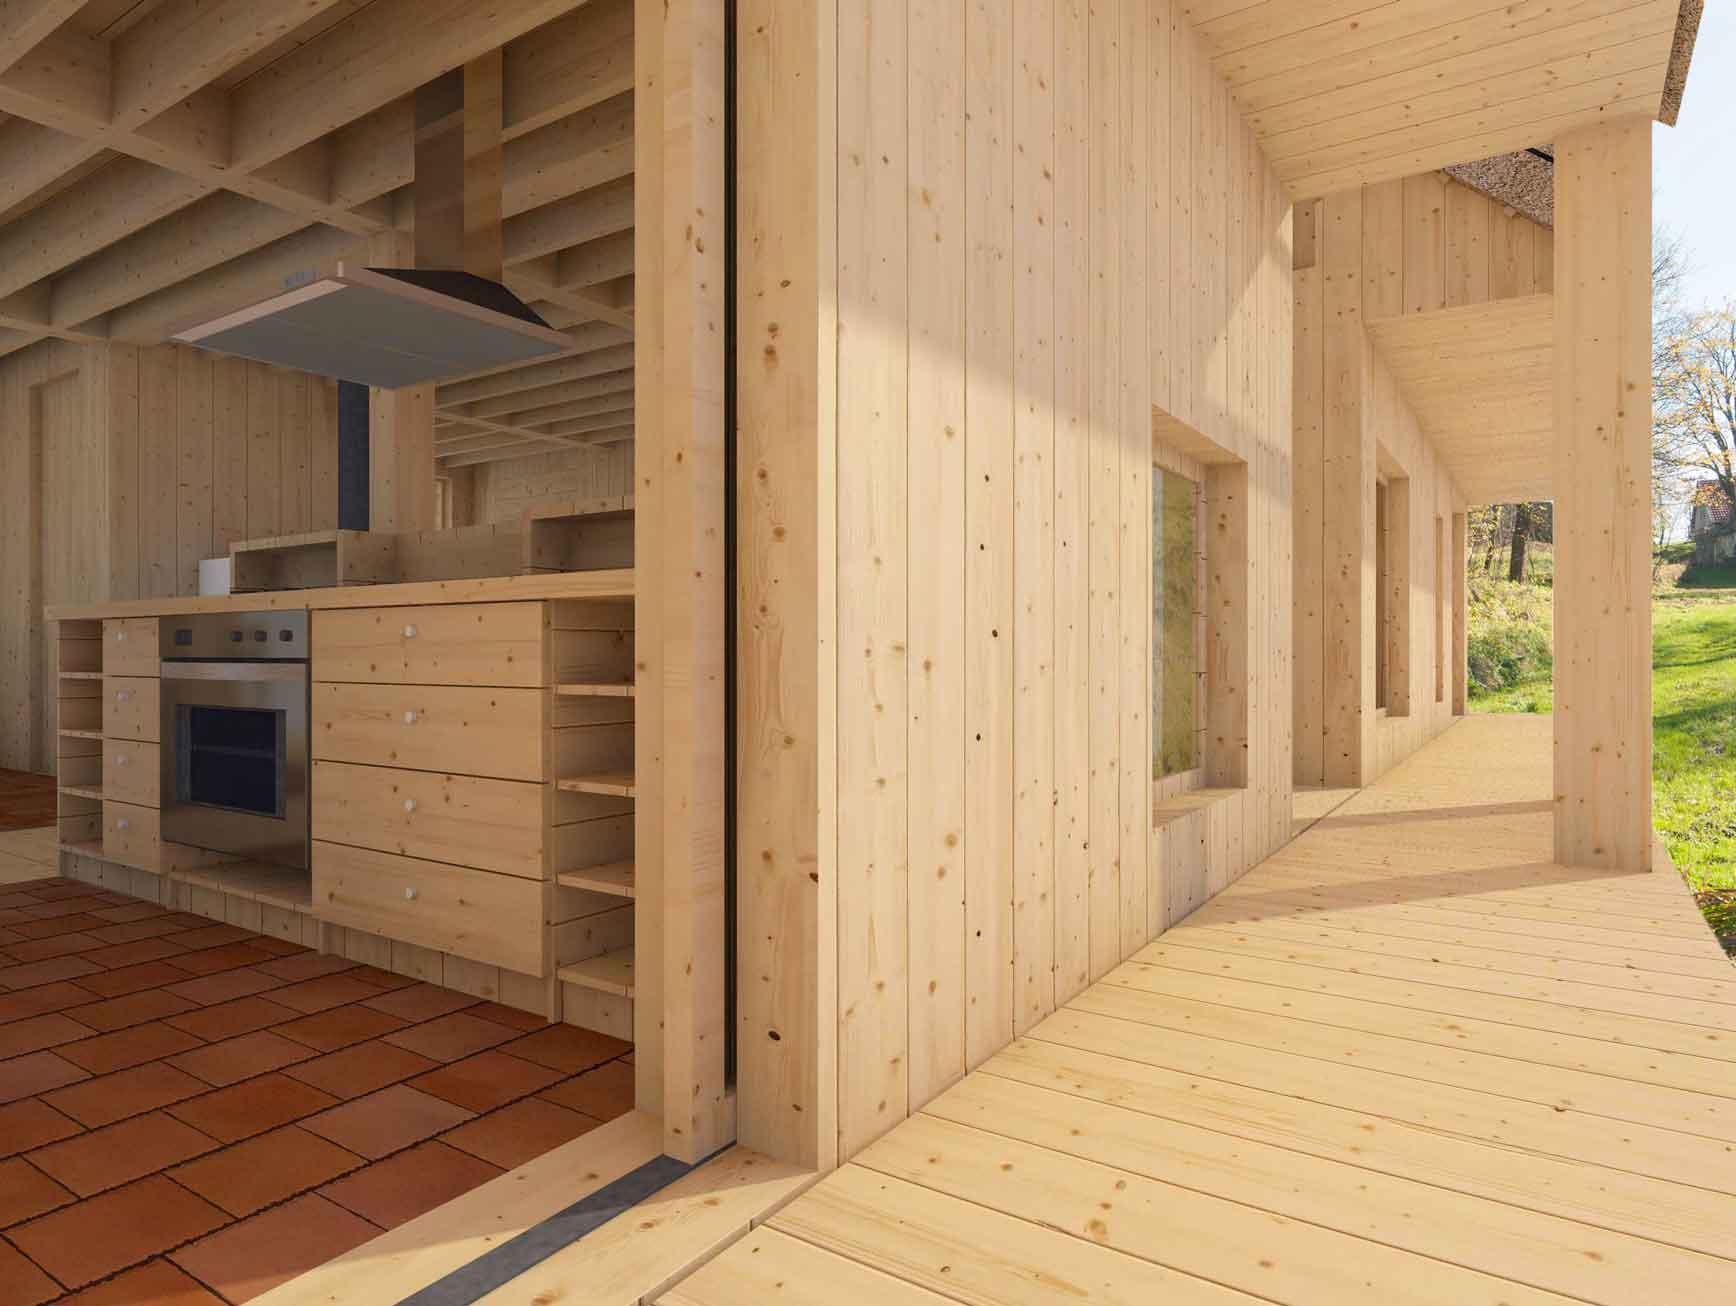 Dům pro jedny architekty - vizualizace verandy. Autor: Kurz architekti